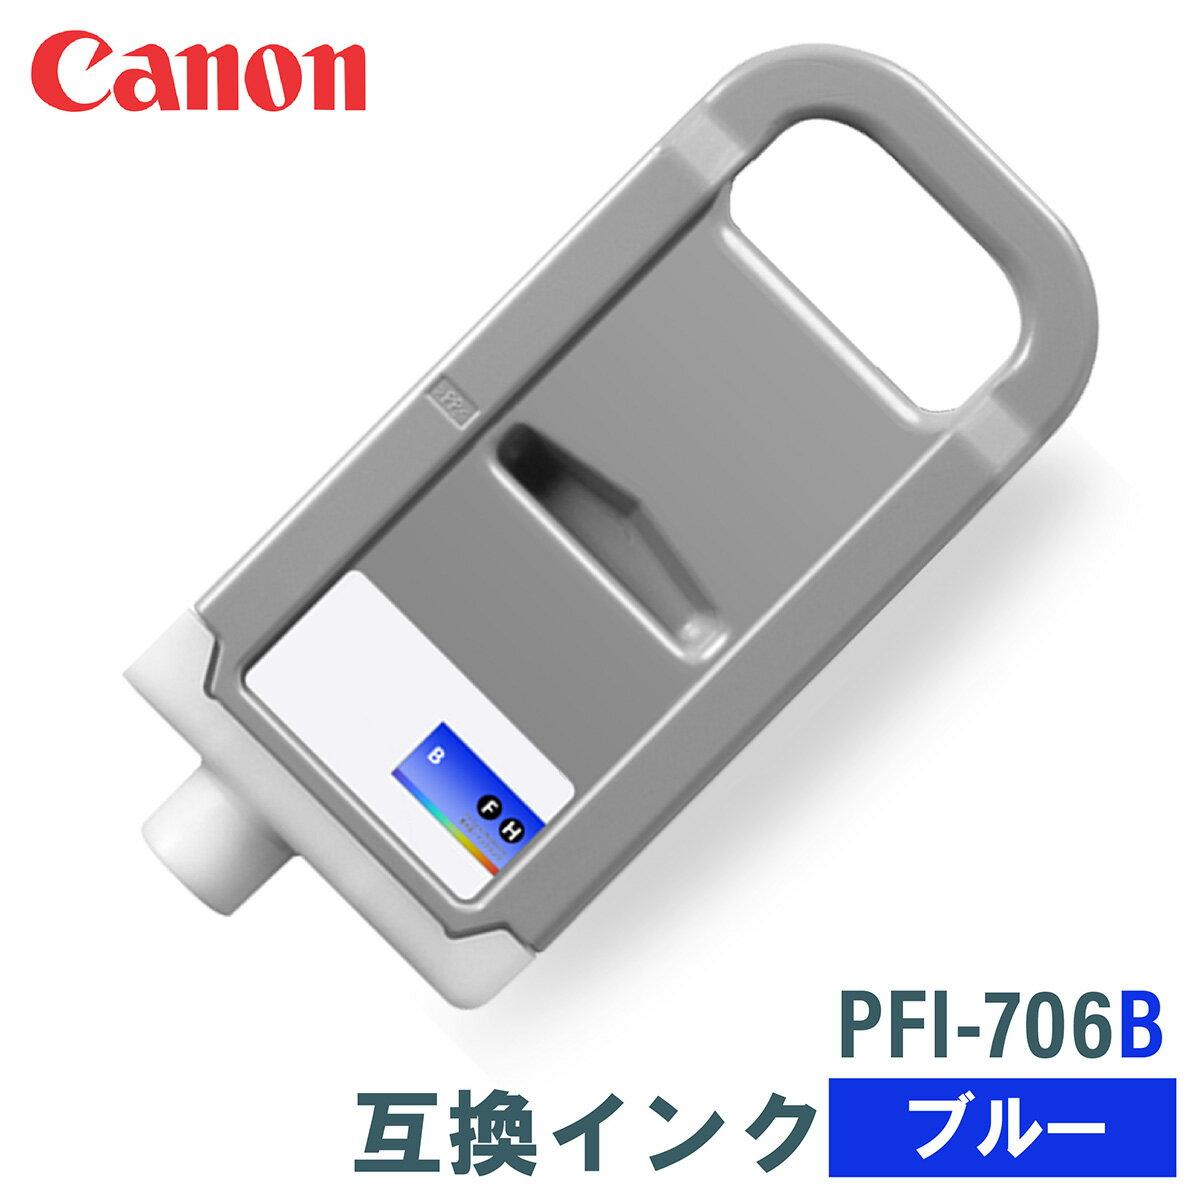 キャノン CANON PFI-706B ブルー 700ml 互換インク インクタンク インクカートリッジ 顔料 大判プリンター パソコン周辺機器 低価格 送料無料